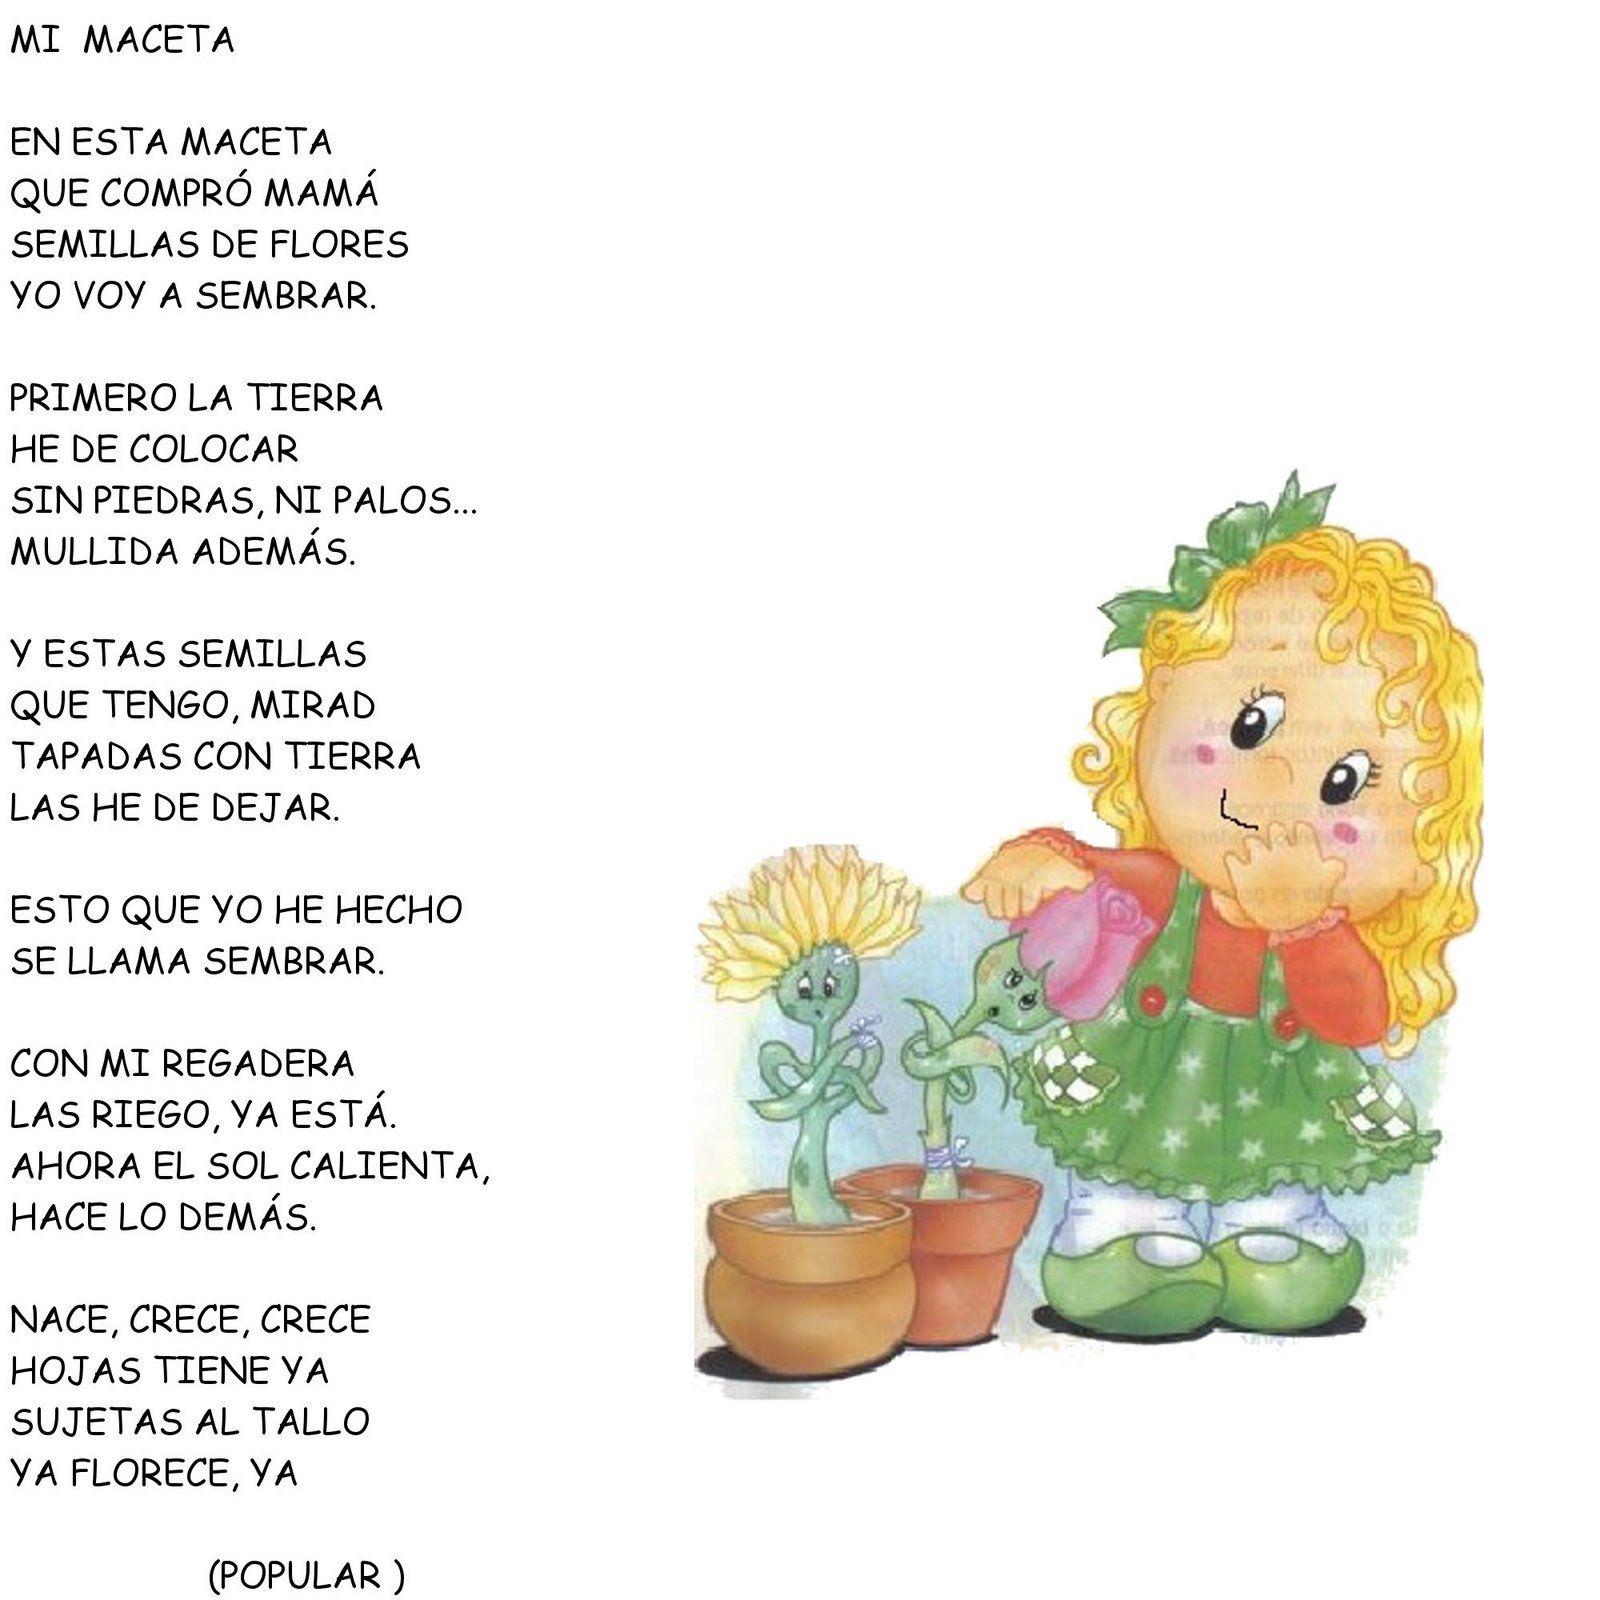 Poemas Canciones Para El Dia De La Madre Para Niños Pin De Frances Ruiz En Plantas Cuentos En 2020 Poemas Para Ninos